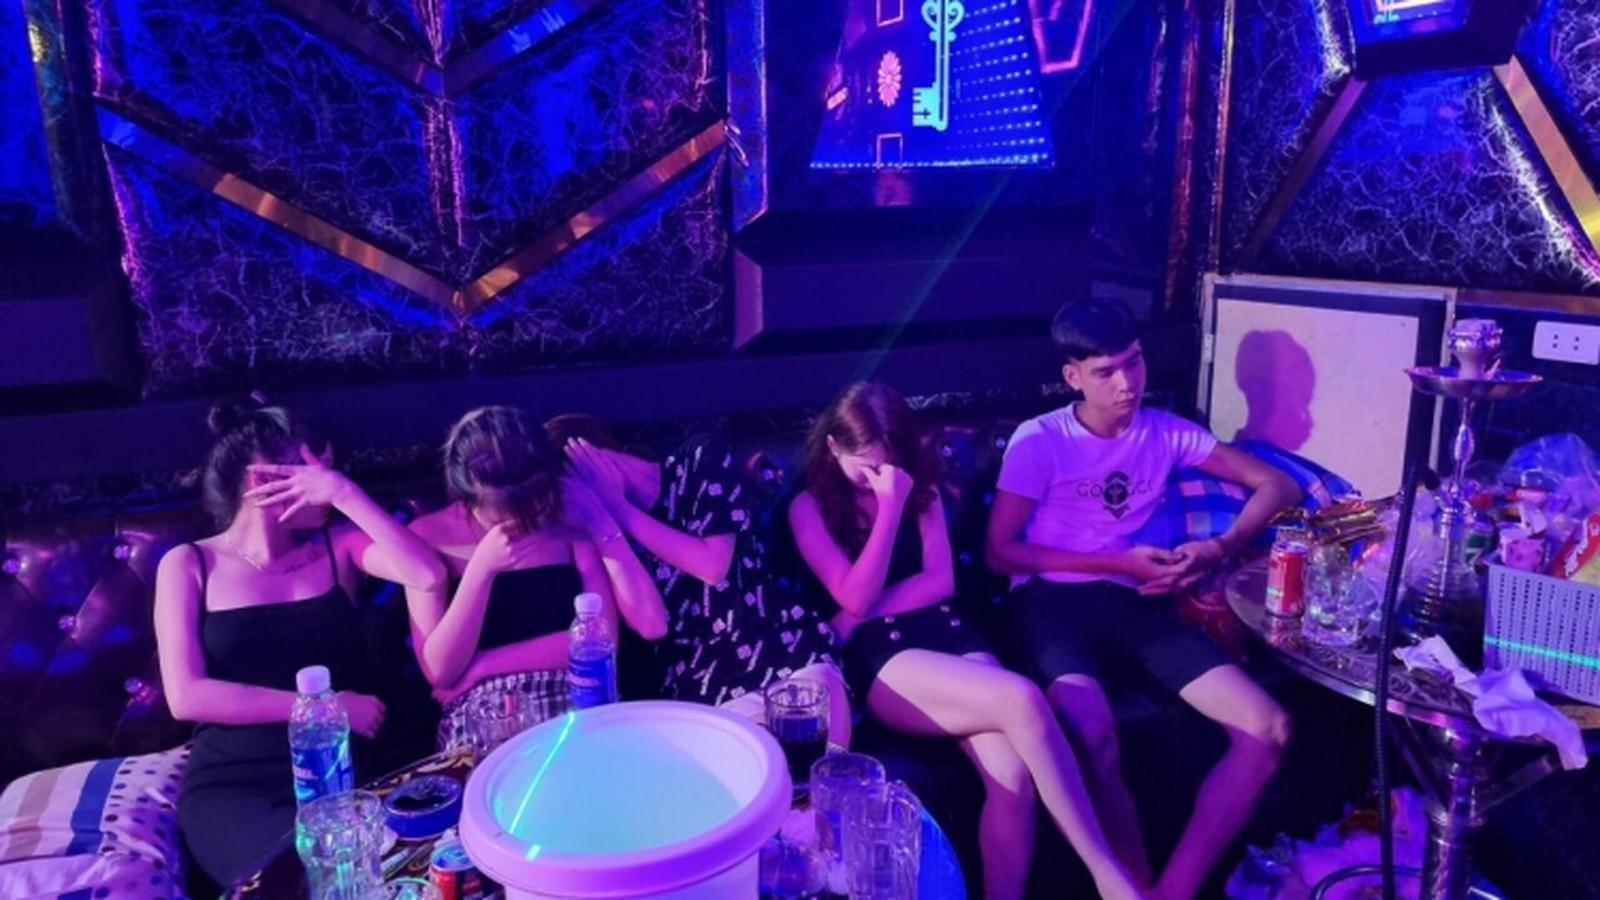 """Khởi tố chủ quán karaoke cho 33 thanh niên """"bay lắc"""" ở Quế Võ, Bắc Ninh"""